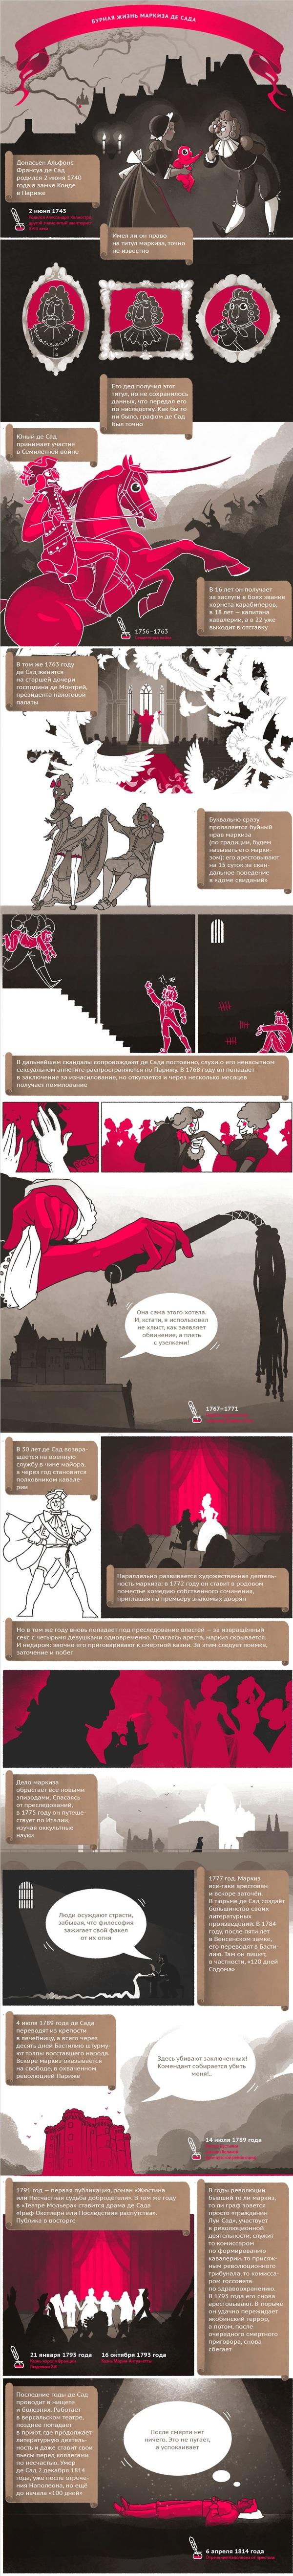 Бурная жизнь маркиза де Сада инфографика, маркиз де сад, Историческая личность, длиннопост